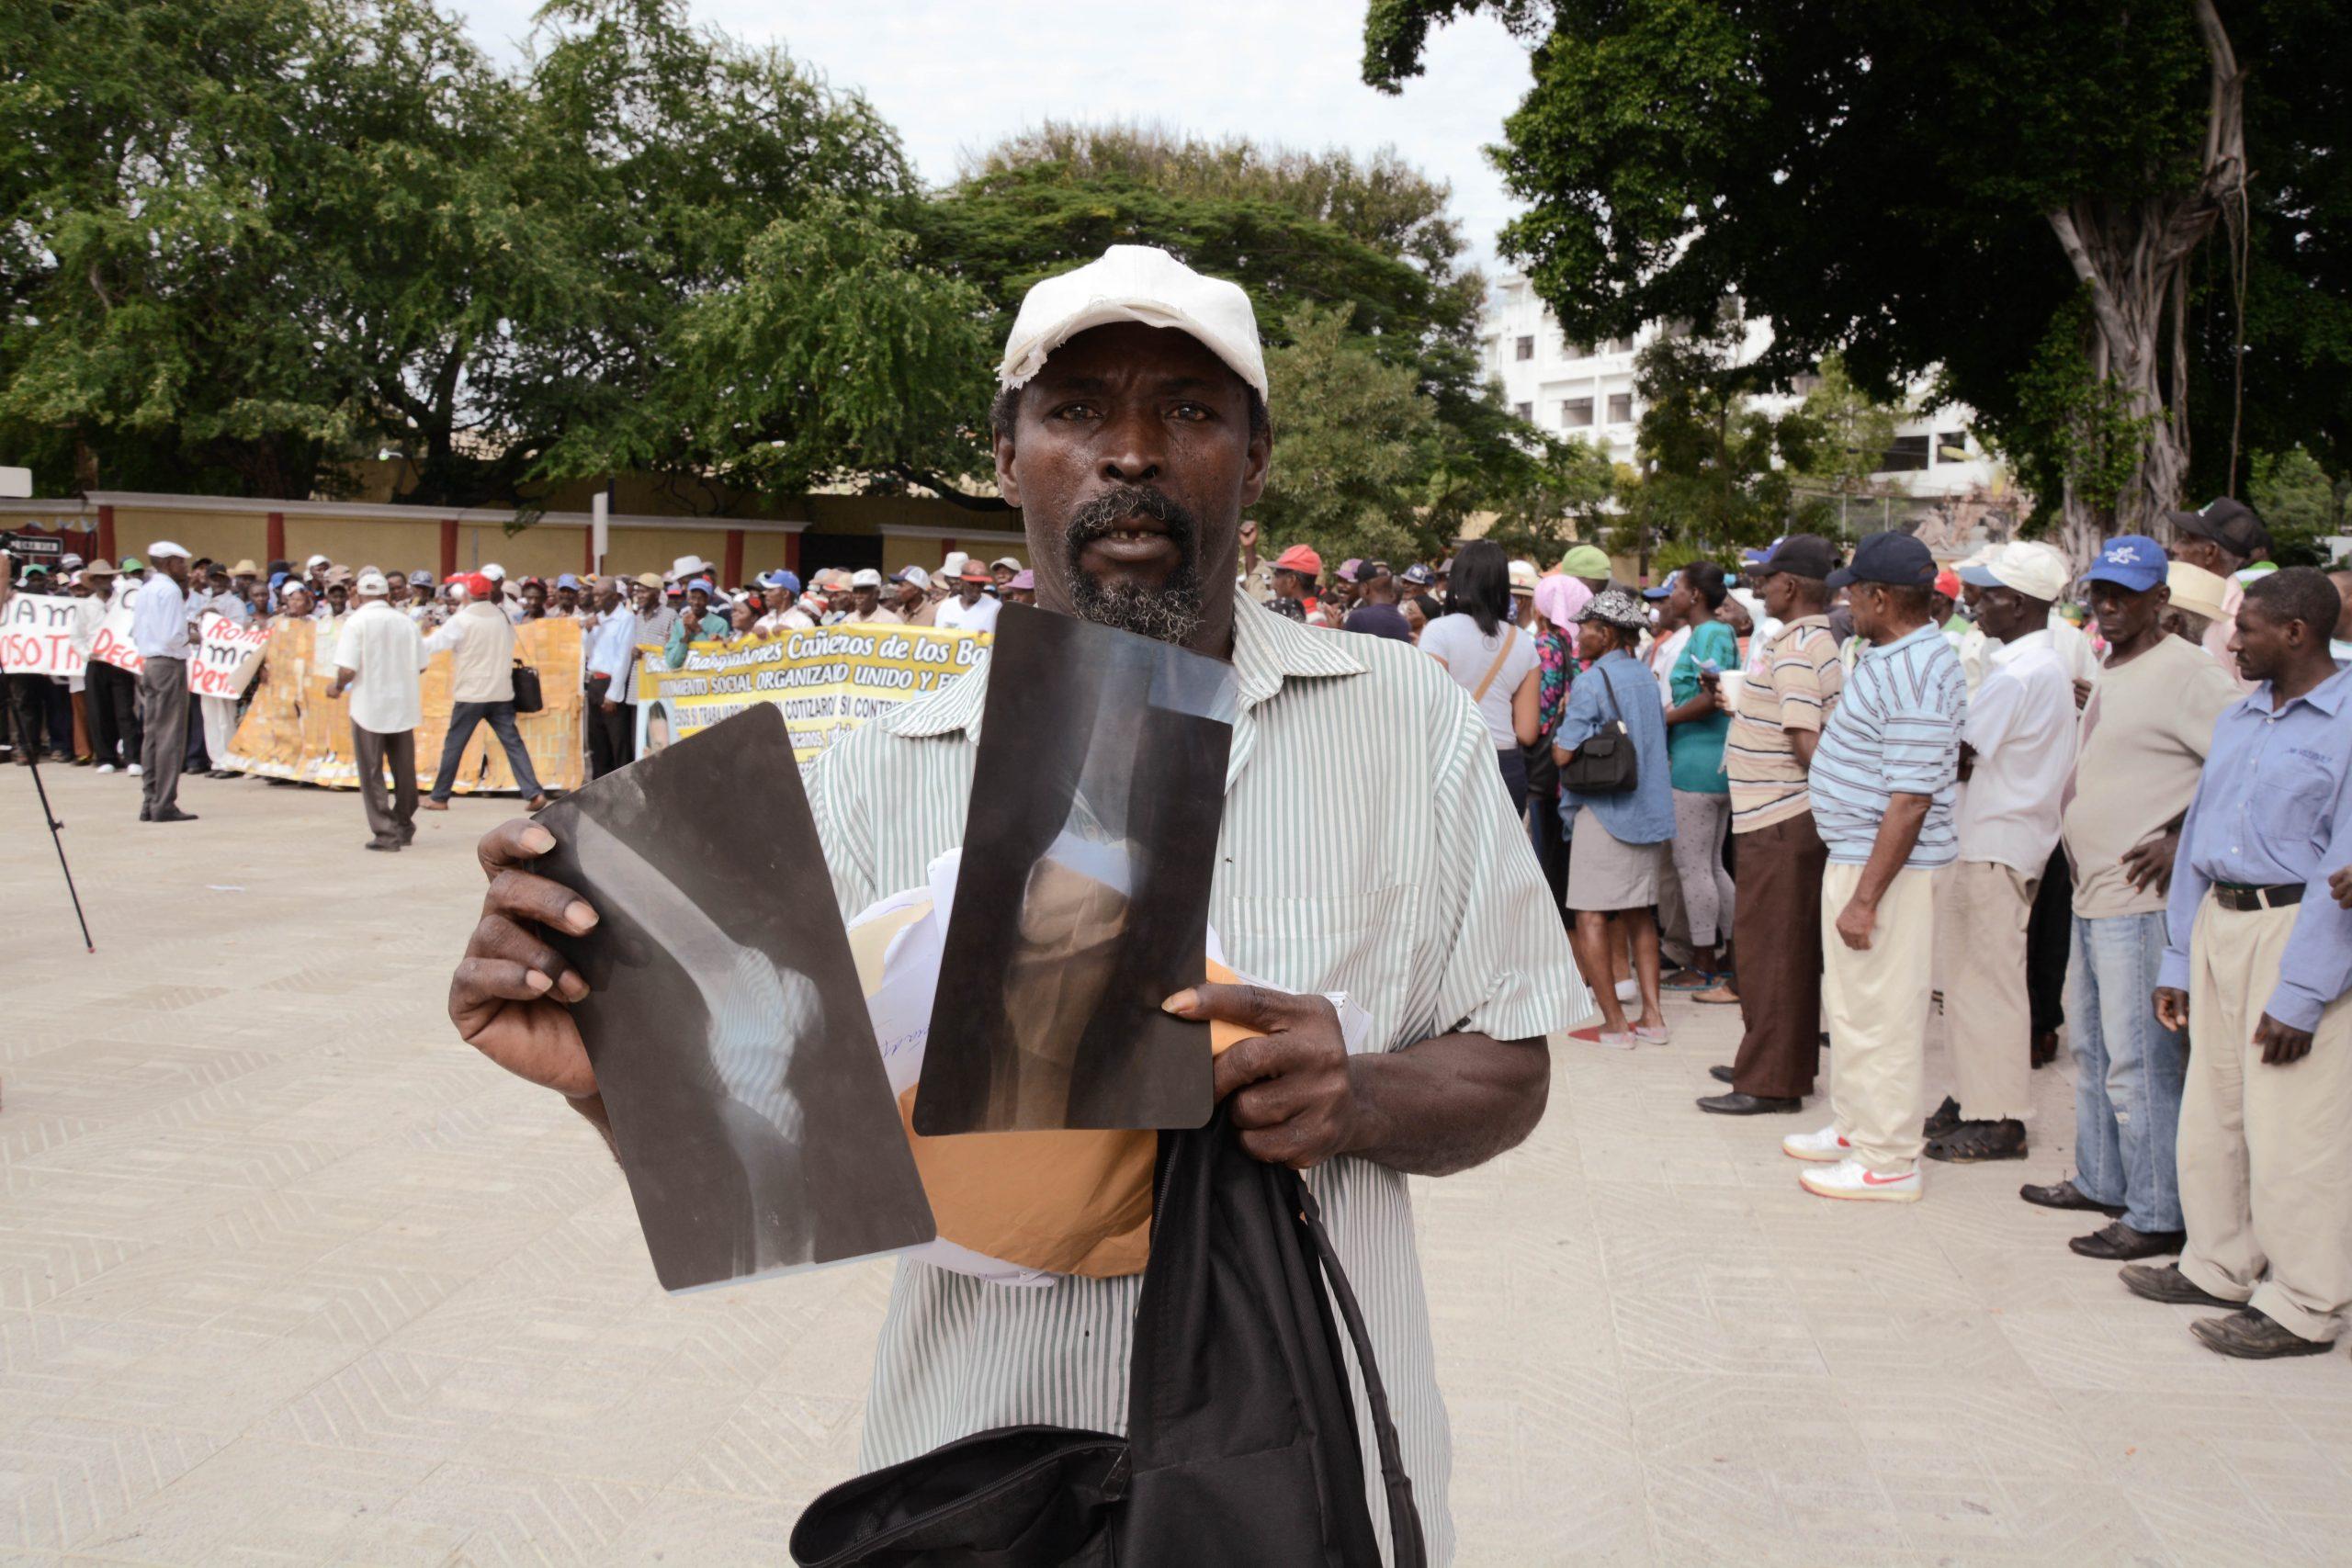 Los trabajadores de la caña afirman que el Gobierno los ha engañado. Foto: LÉSTHER ÁLVAREZ